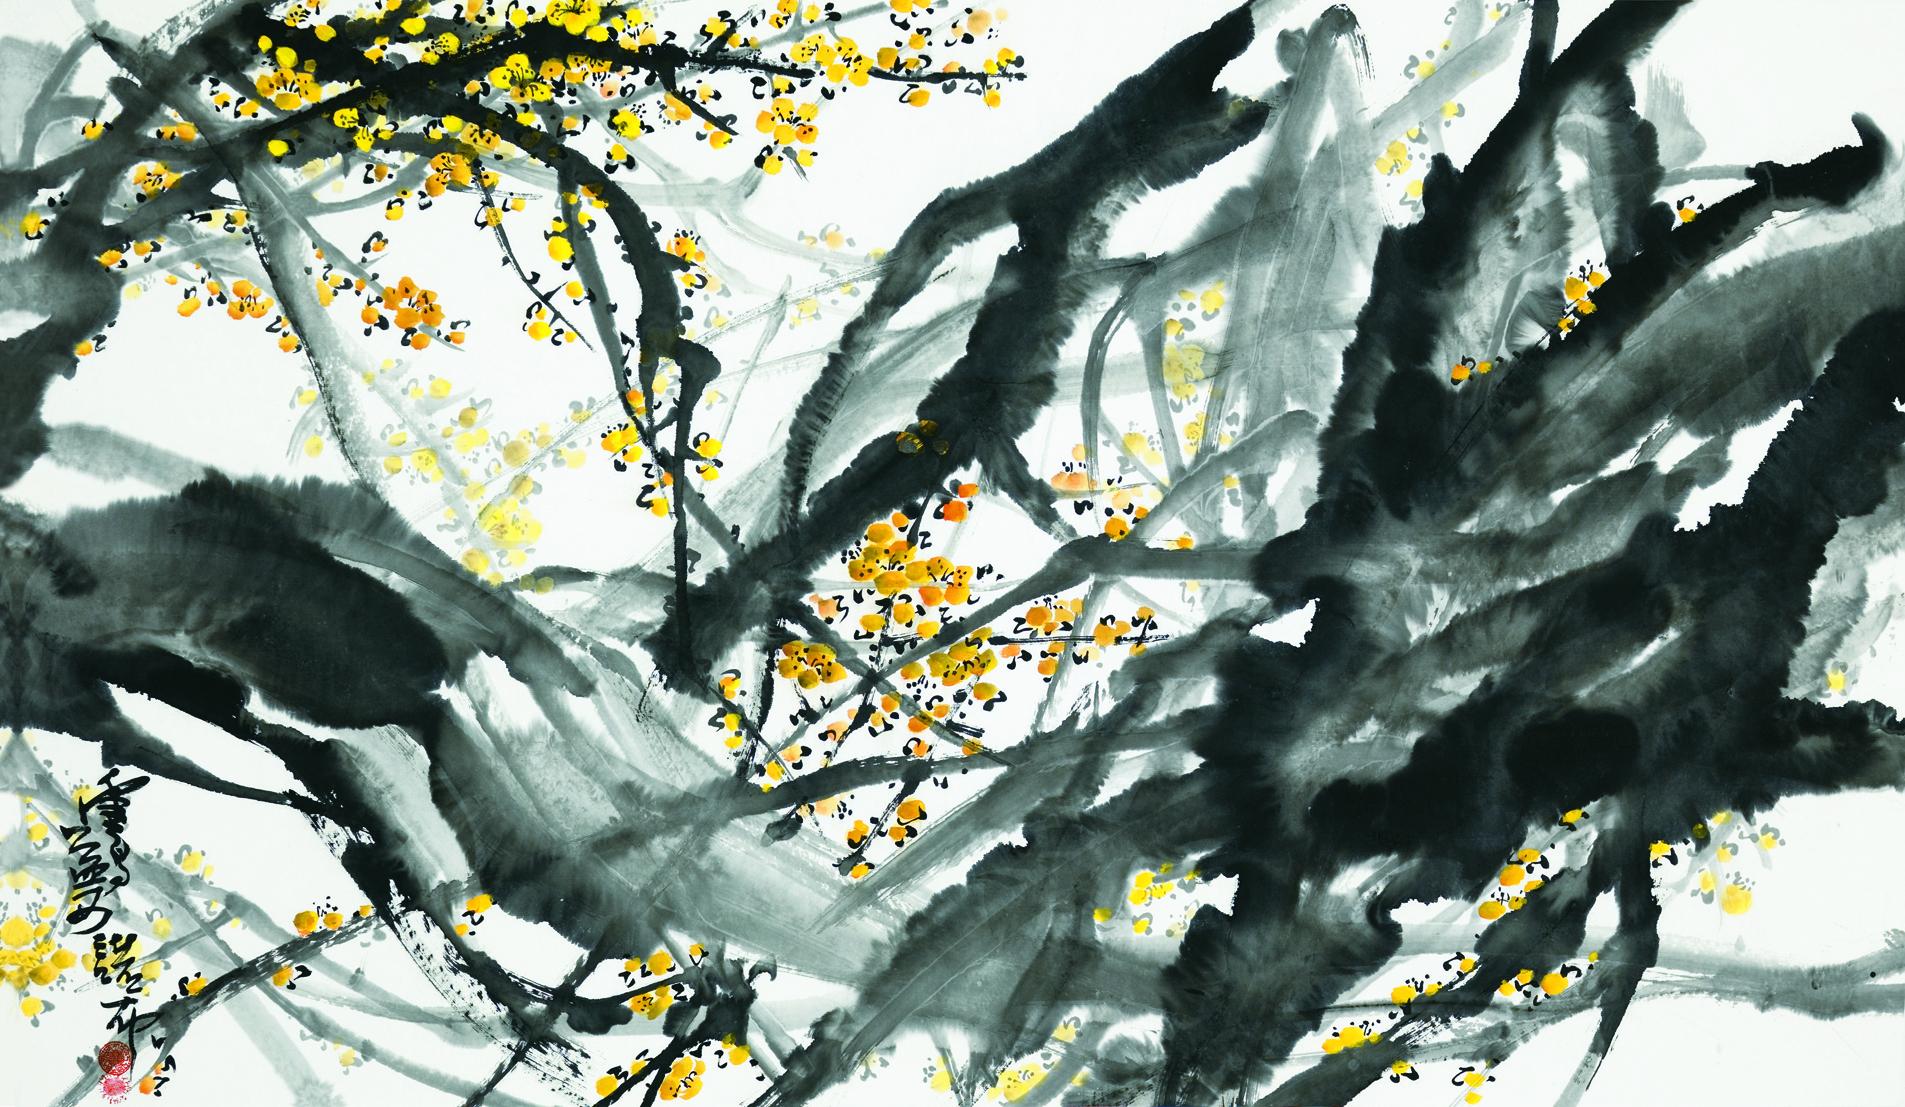 梅林一角Corner of a Plum Blossom Grove, H.H. Dorje Chang Buddha III, ink on paper.